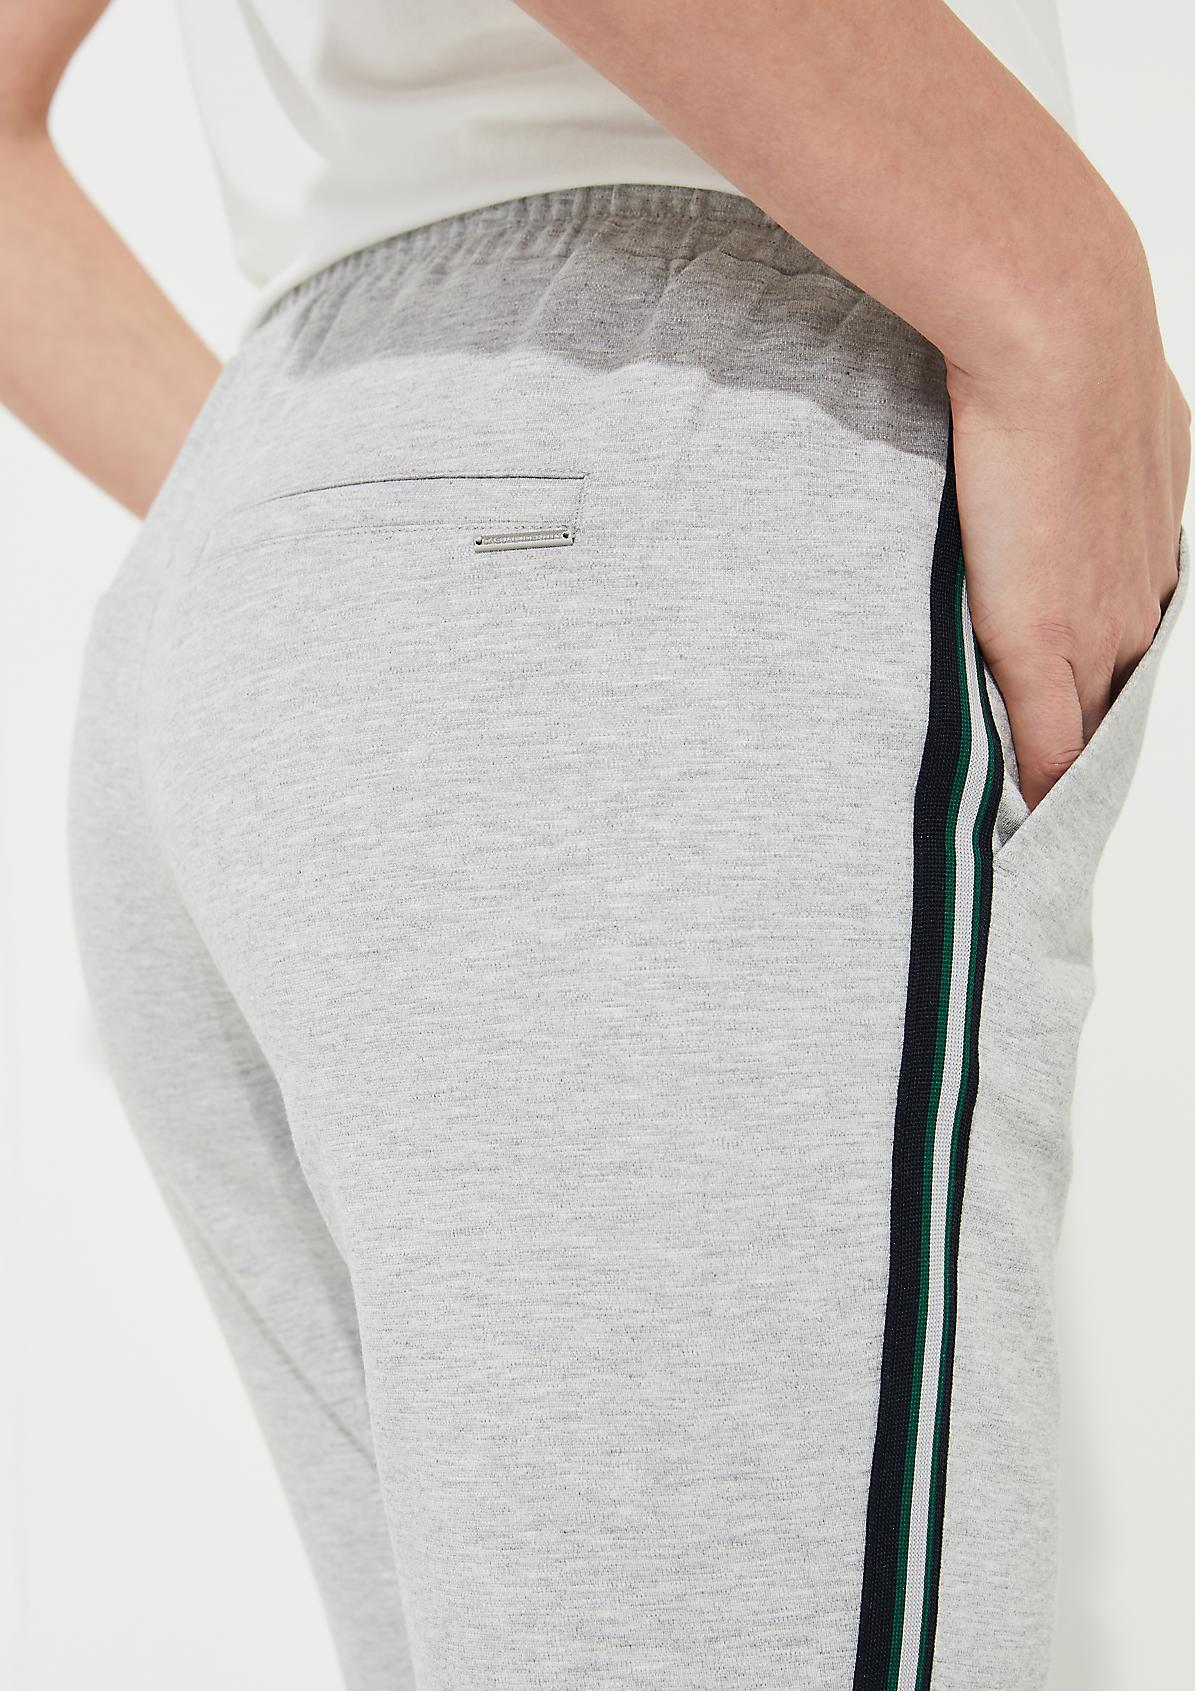 Jerseyhose im Athleisure-Look